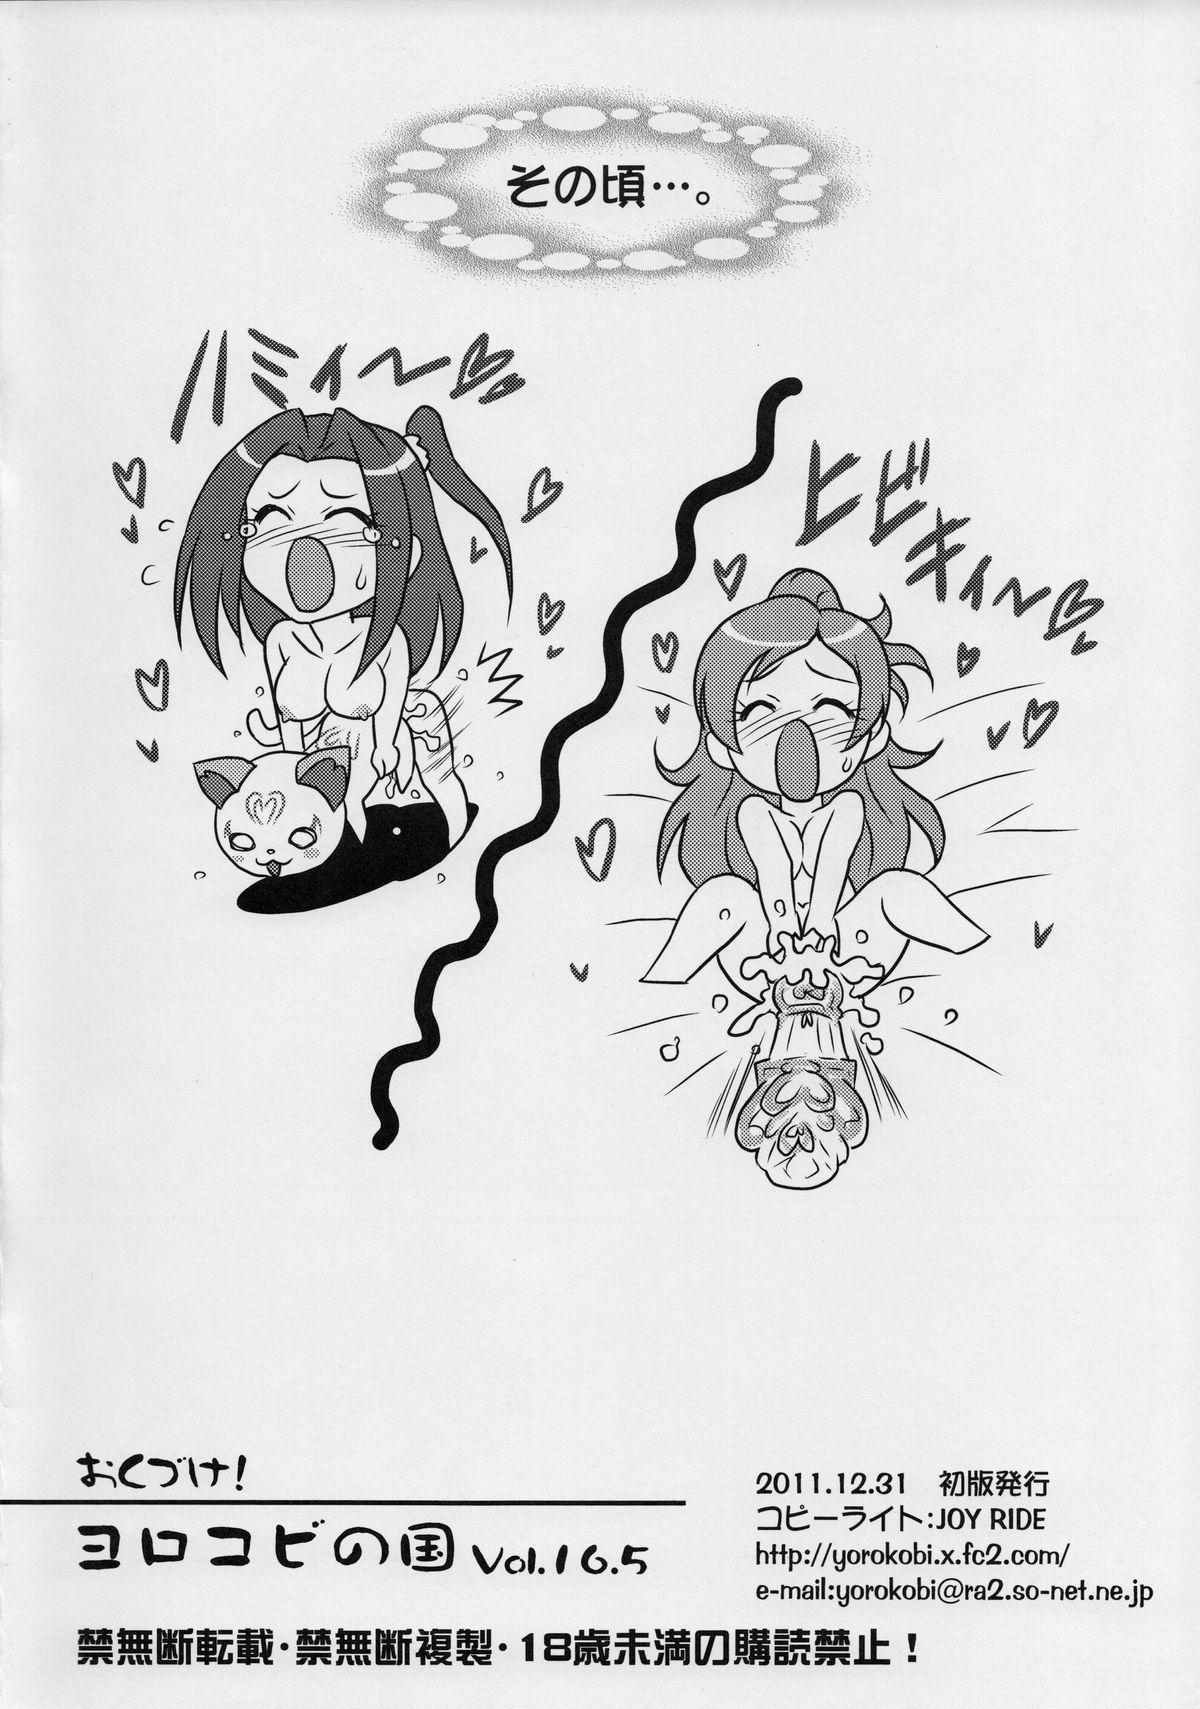 Yorokobi no Kuni Vol.16.5 C81 Gentei Hanpu! 7